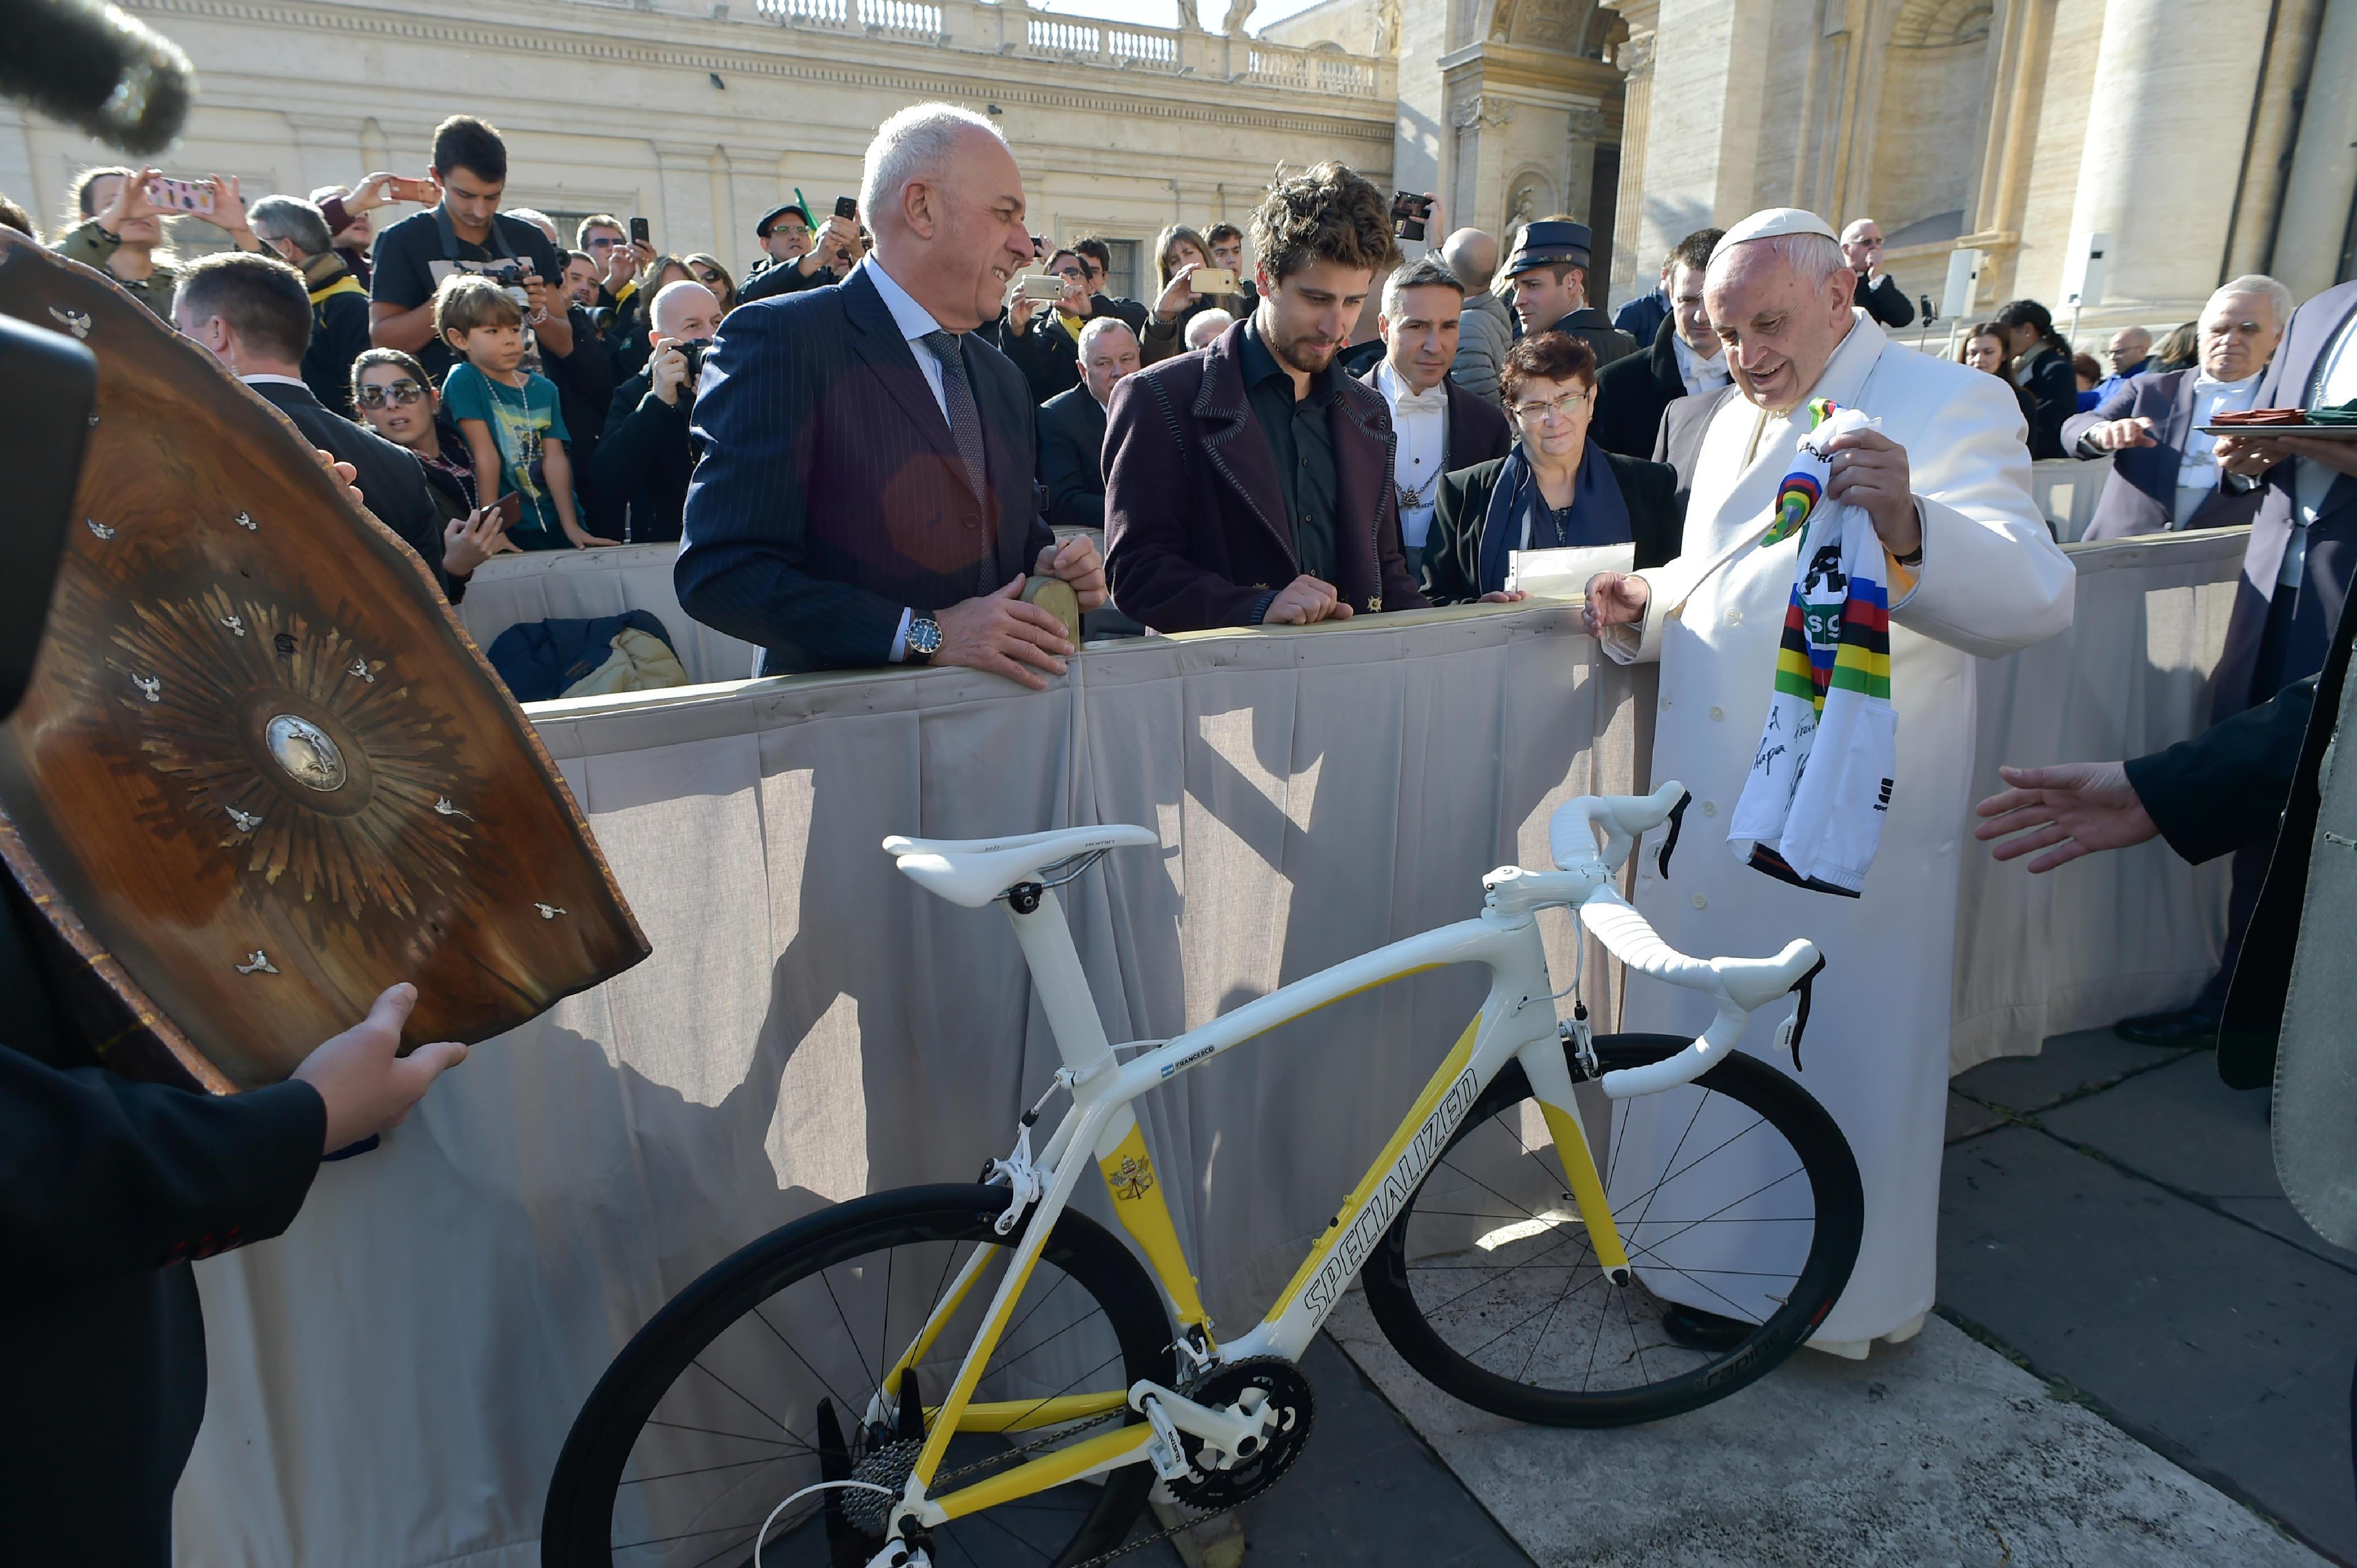 Le cycliste Peter Sagan offre un vélo au pape © Vatican Media